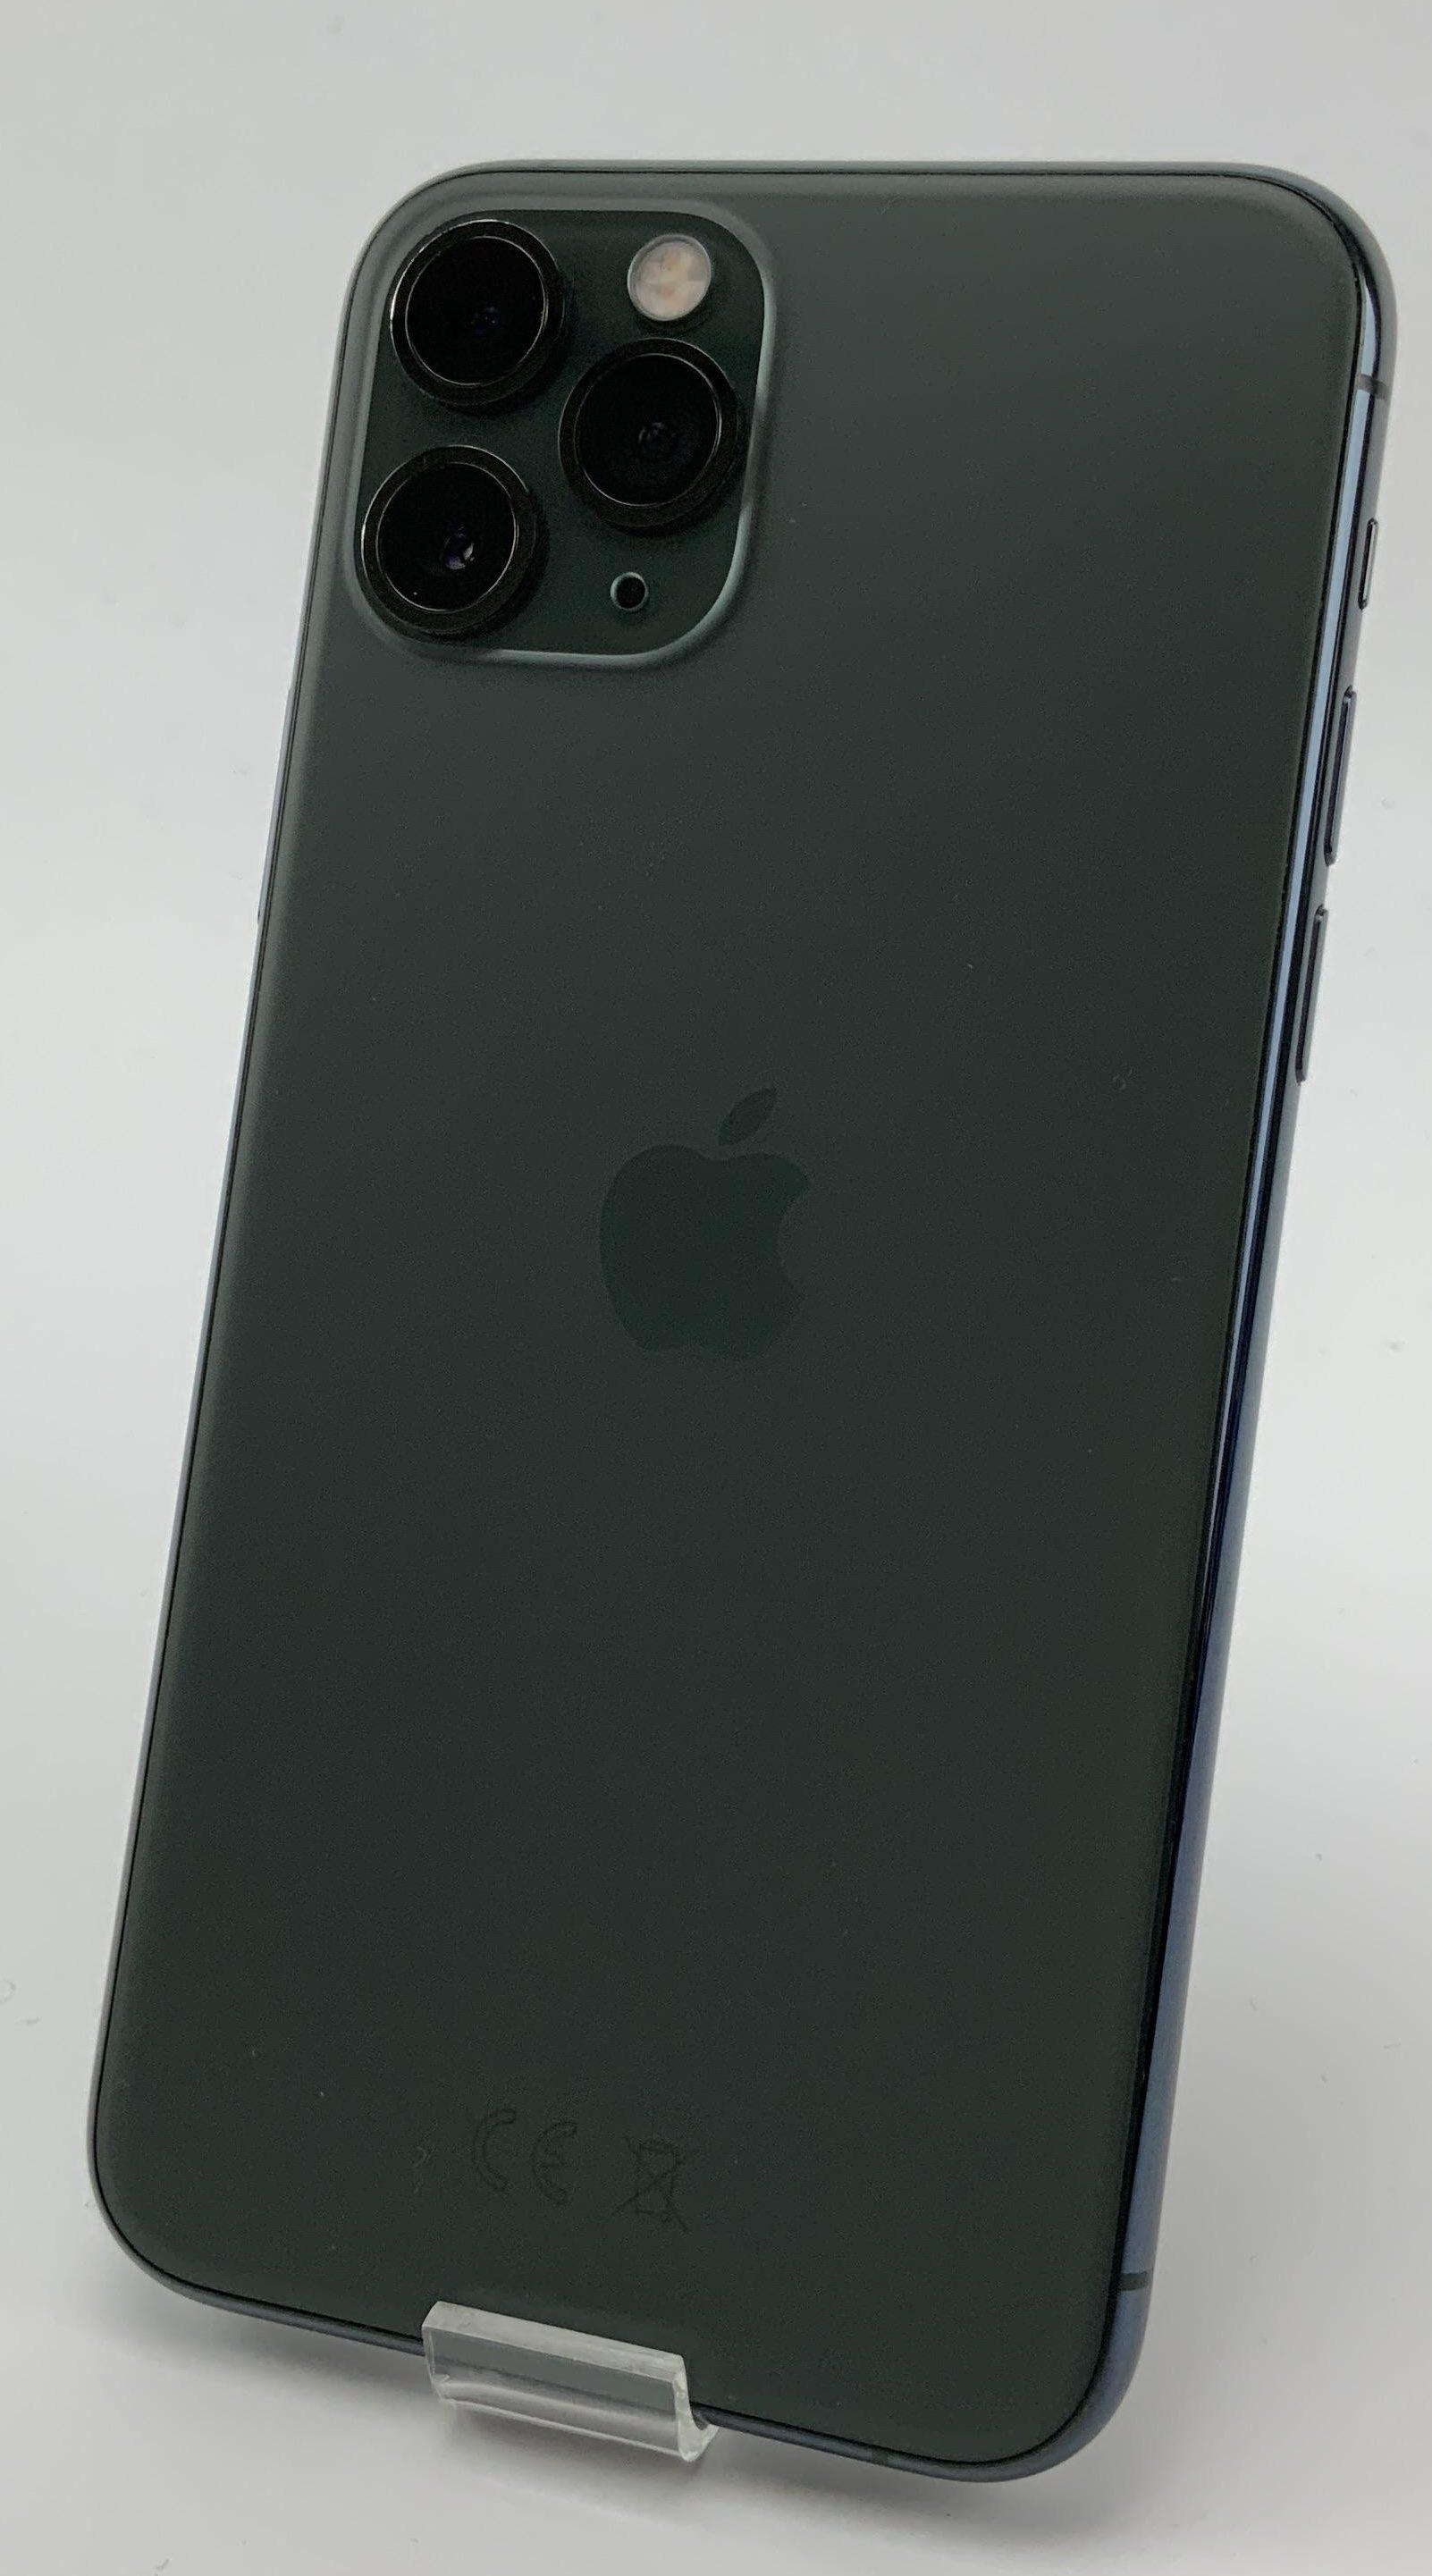 iPhone 11 Pro 256GB, 256GB, Midnight Green, bild 2